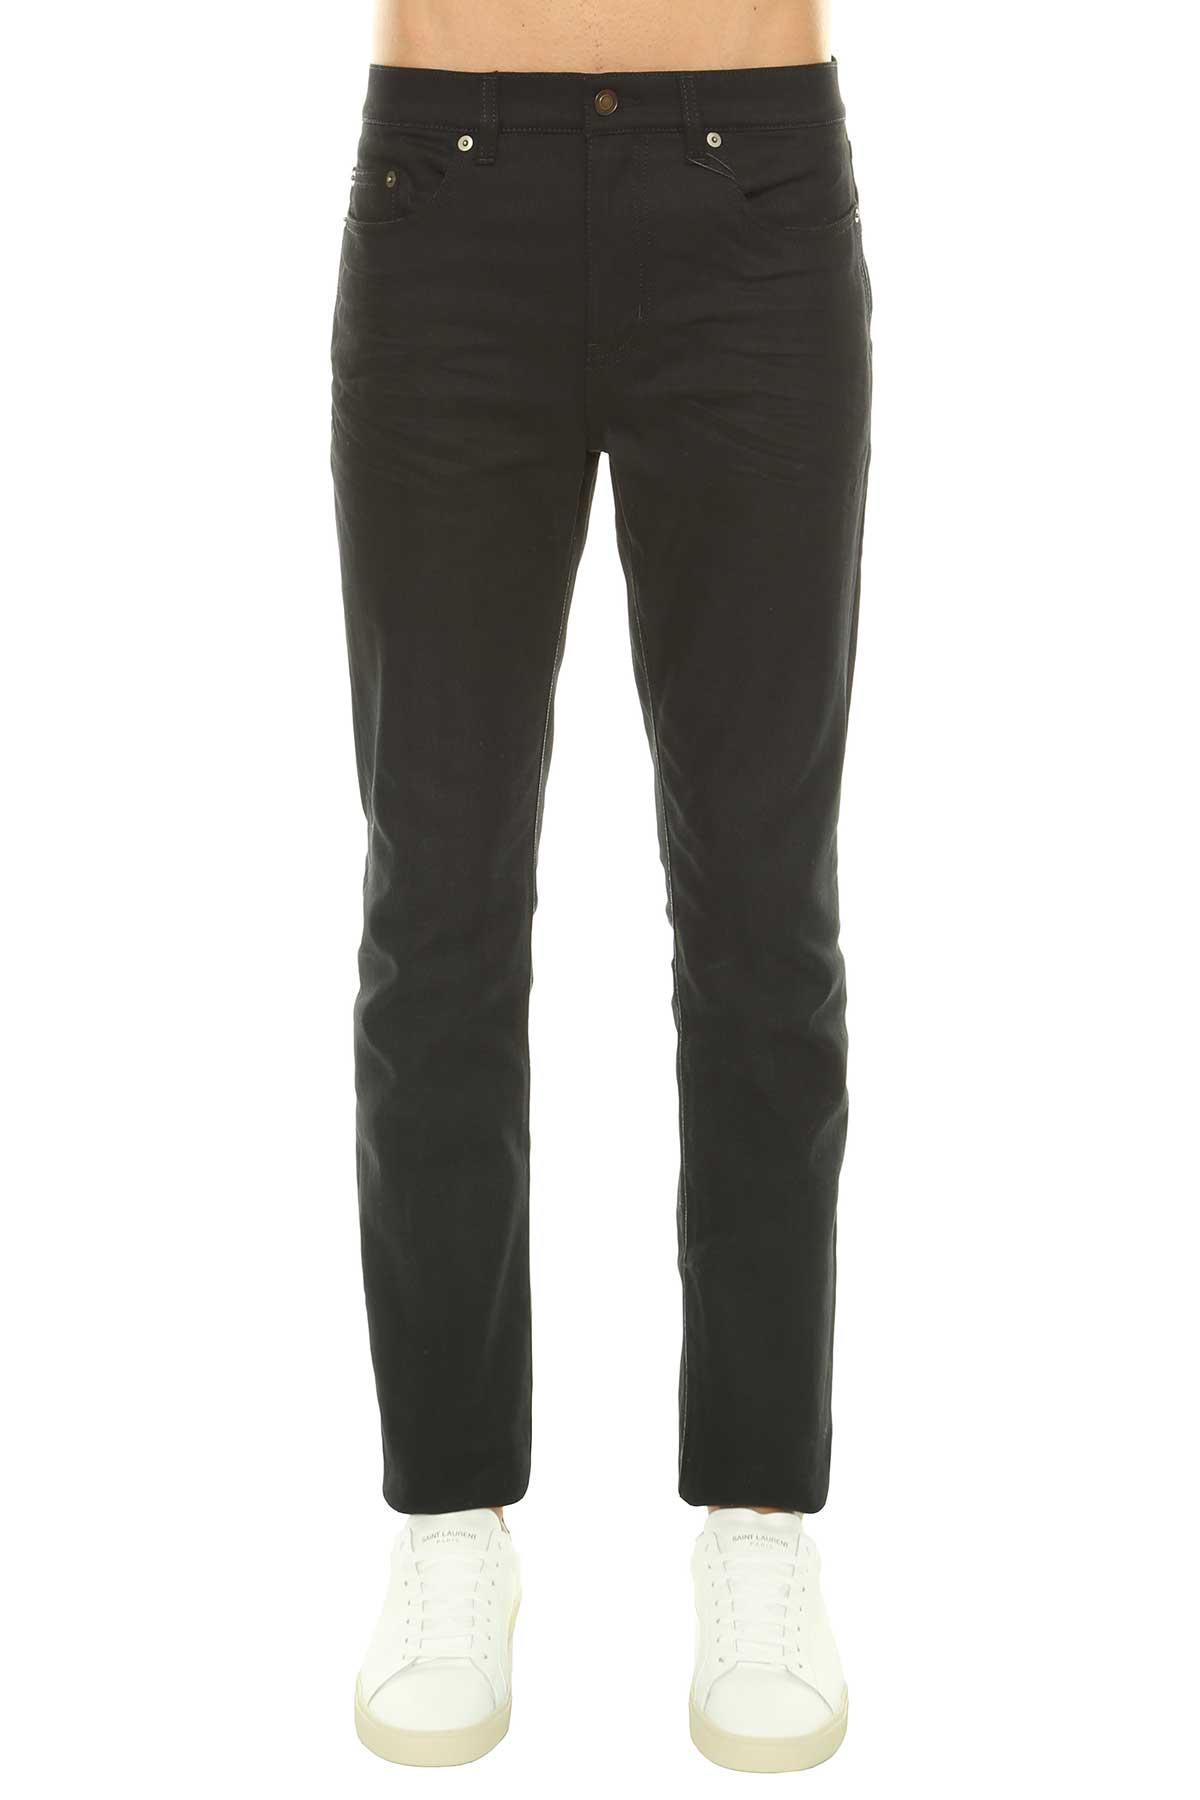 Saint Laurent Saint Laurent Skinny Jeans